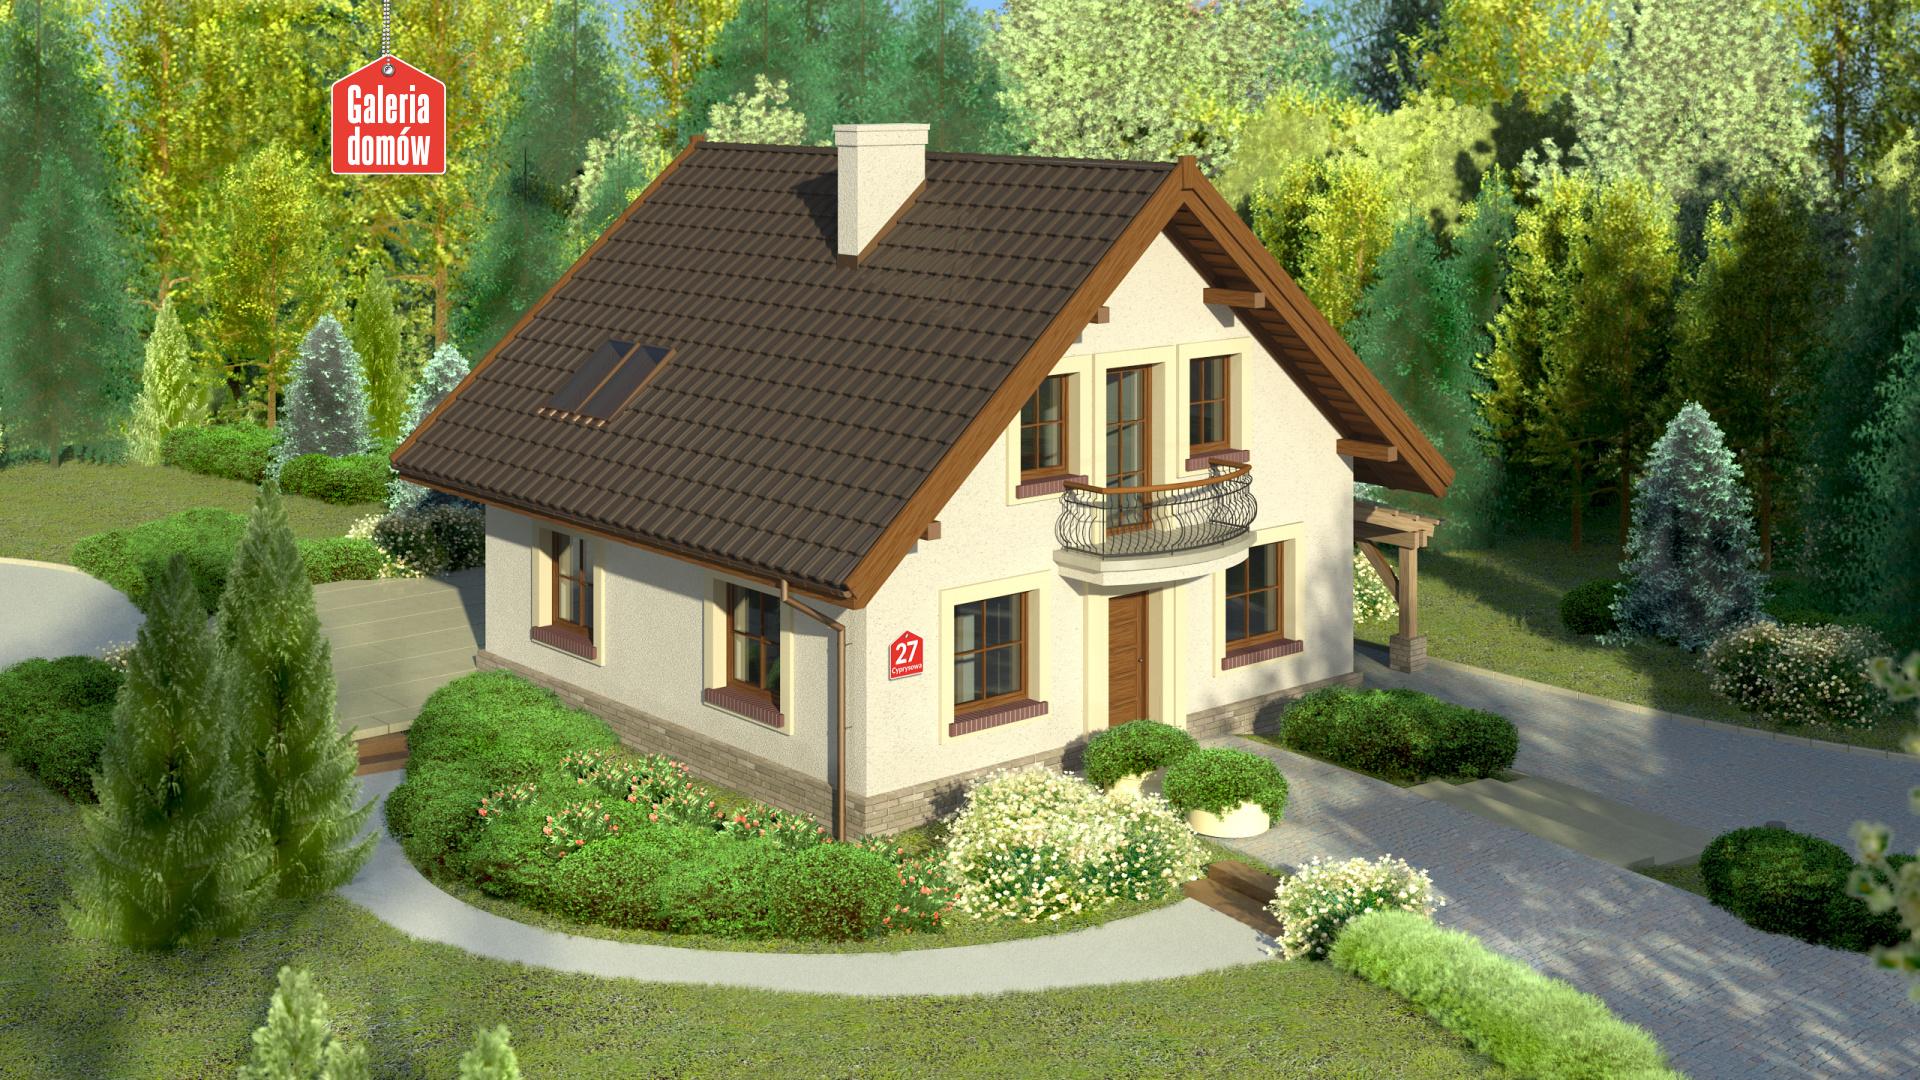 Dom przy Cyprysowej 27 - zdjęcie projektu i wizualizacja